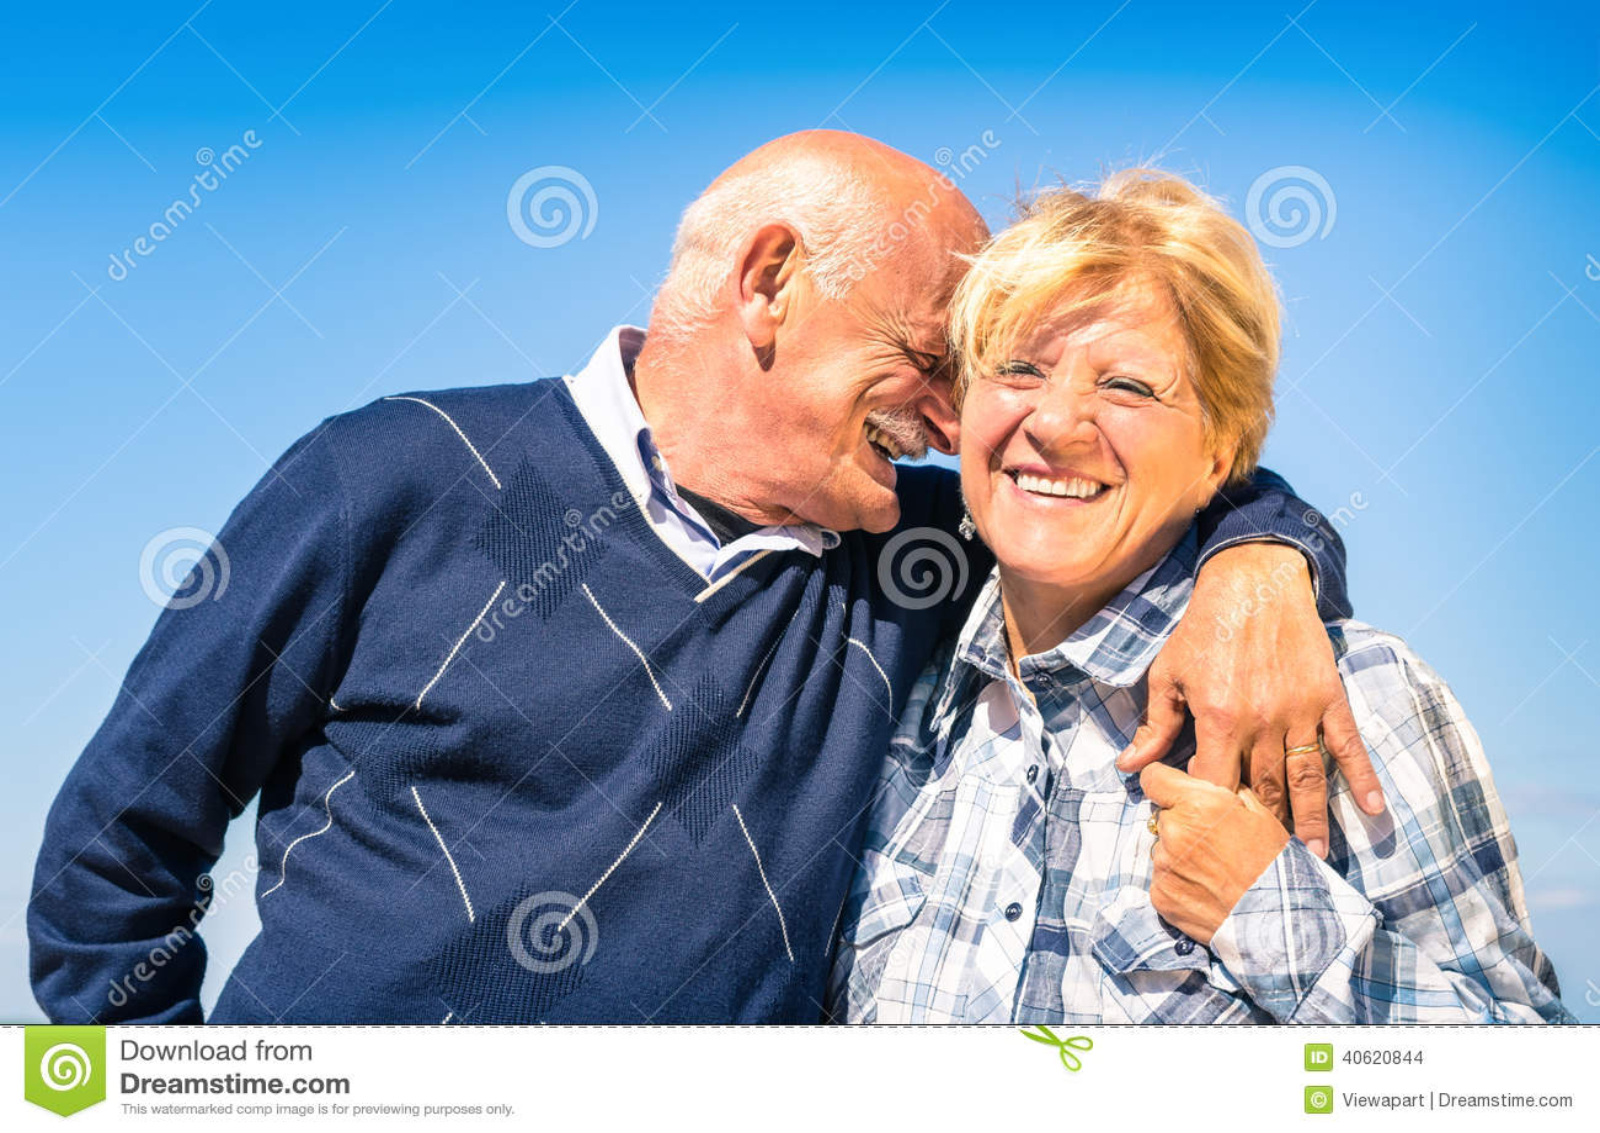 Ich liebe die Datierung eines älteren Mannes